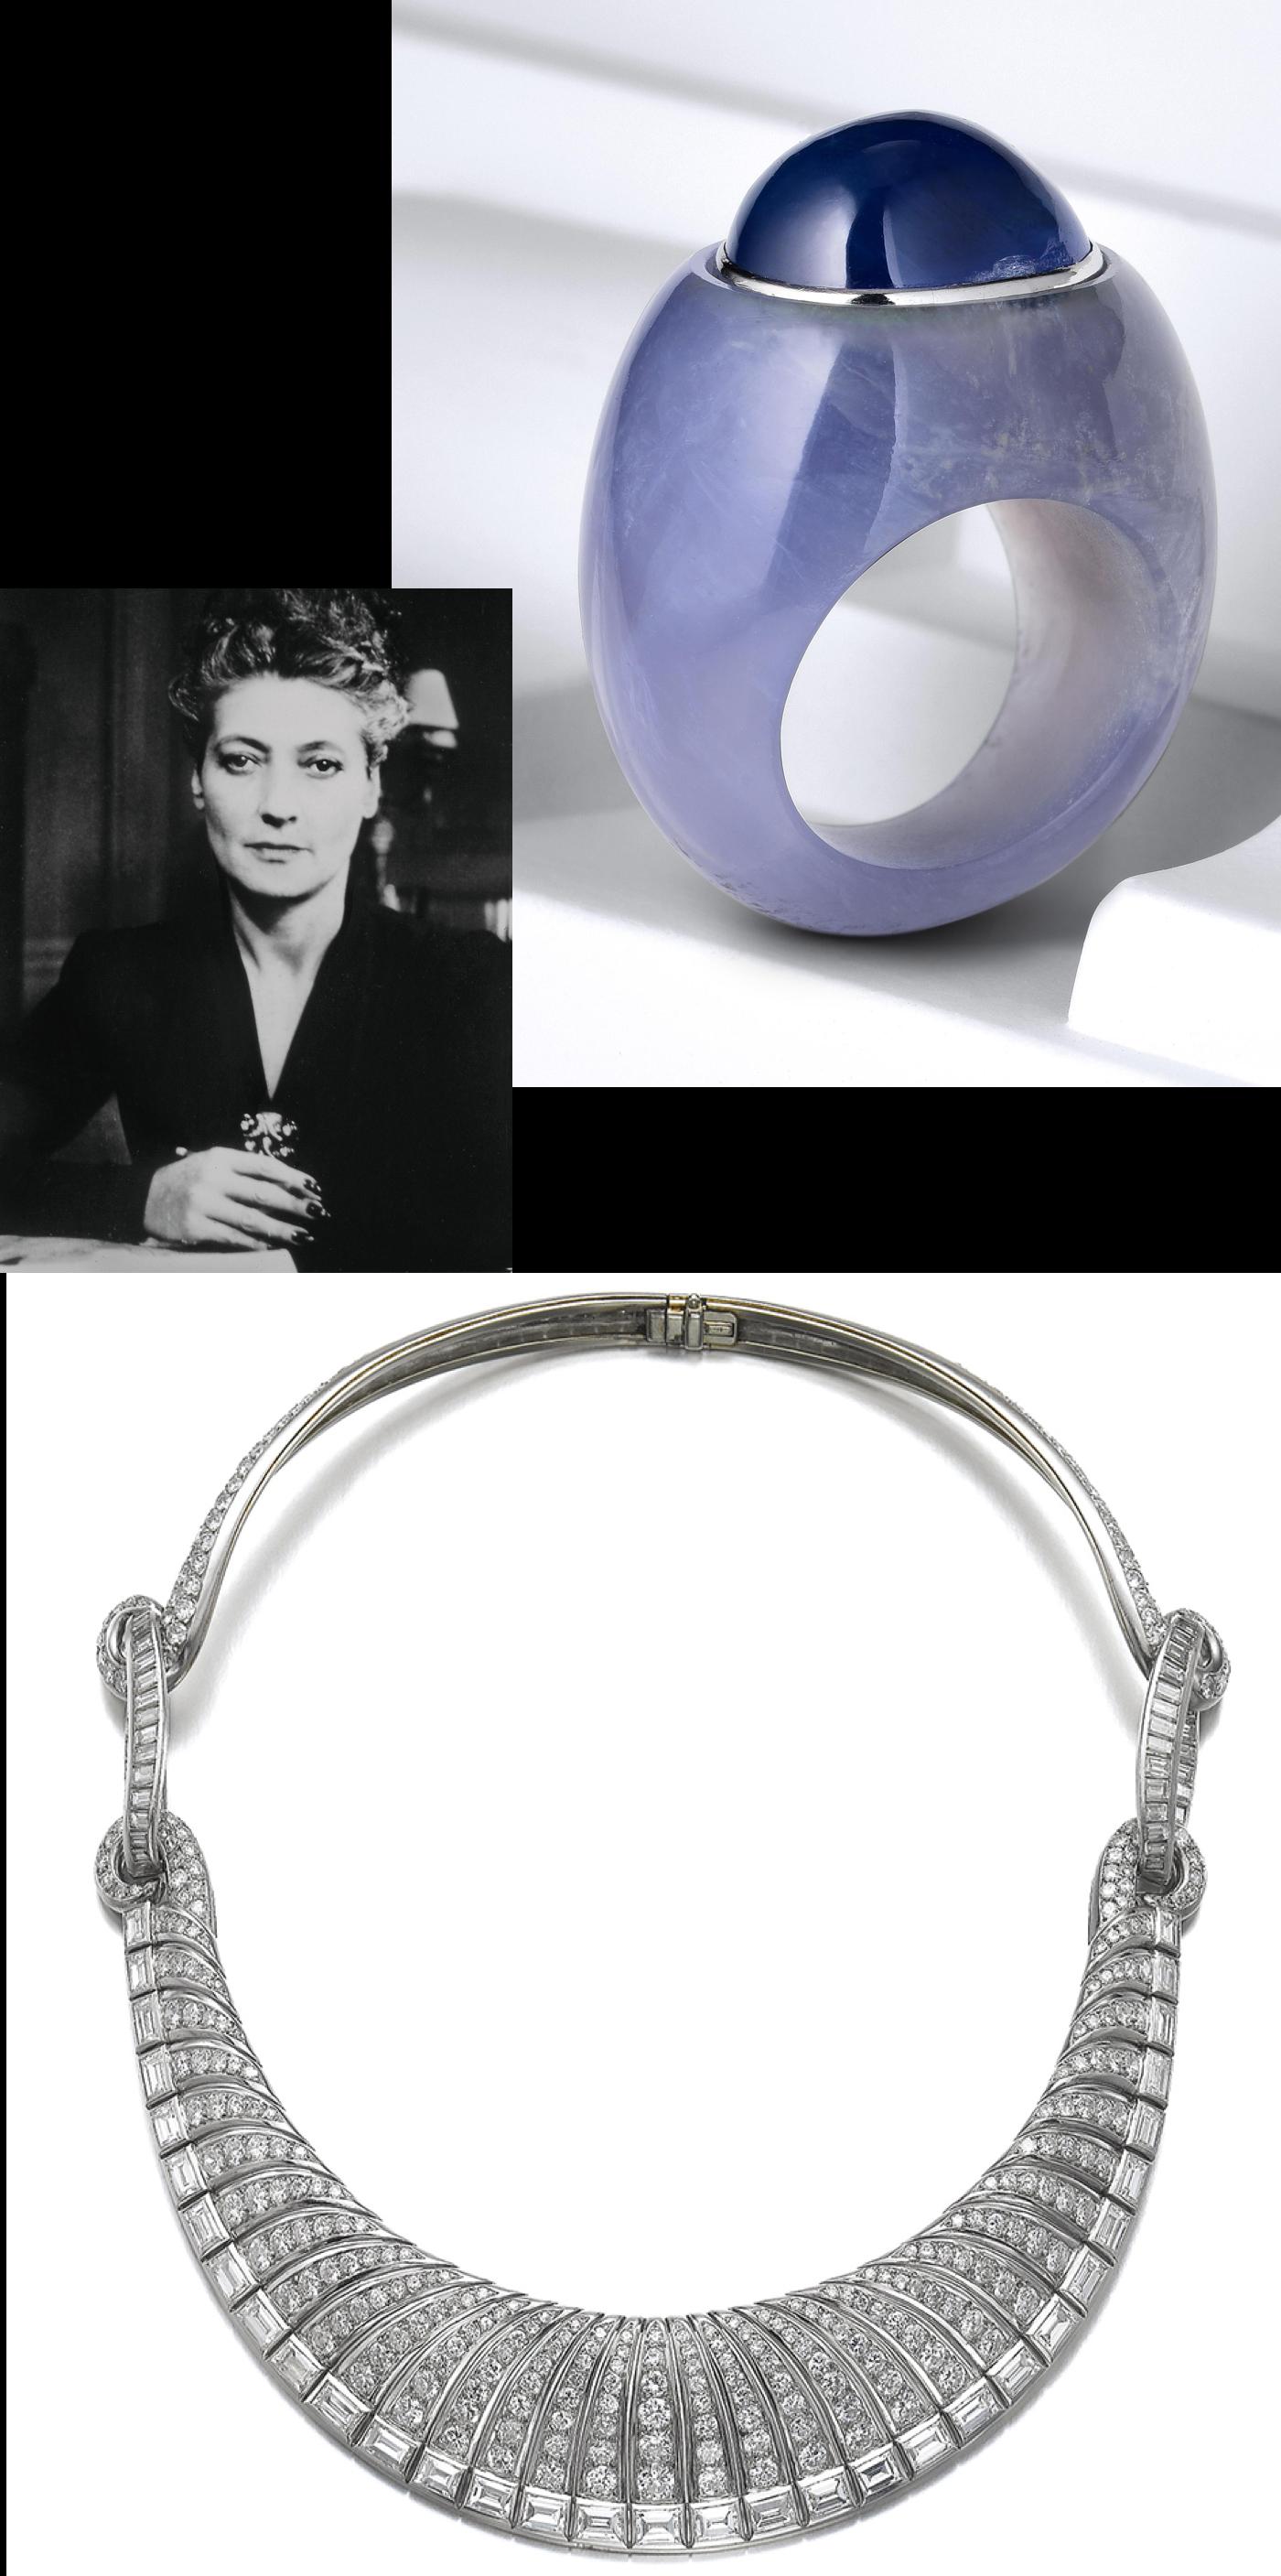 Women in Jewelry: Suzanne Belperron